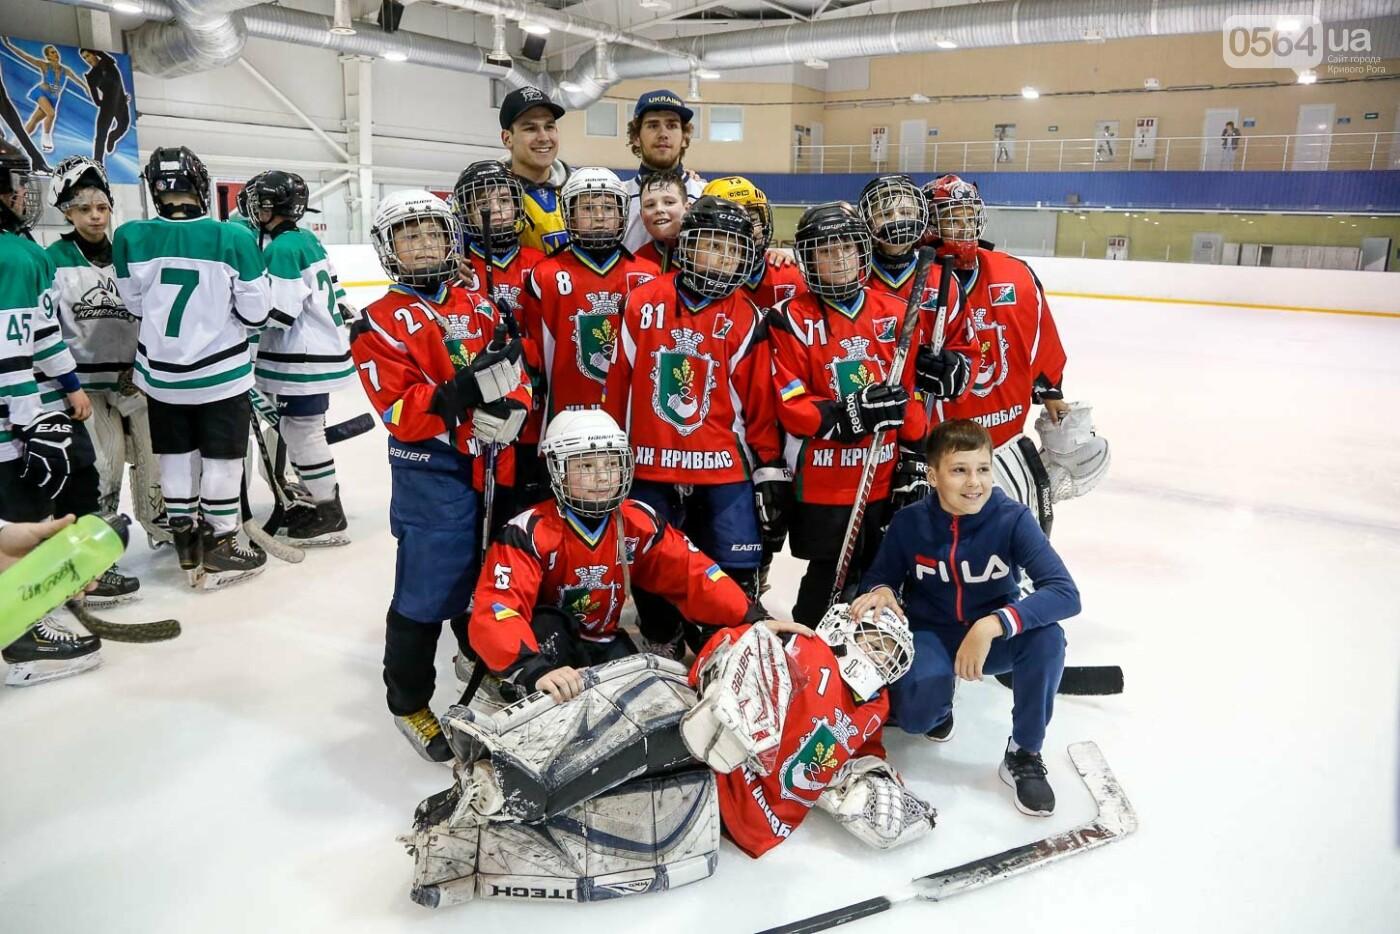 Звезды украинского хоккея провели открытую тренировку в Кривом Роге, фото-2